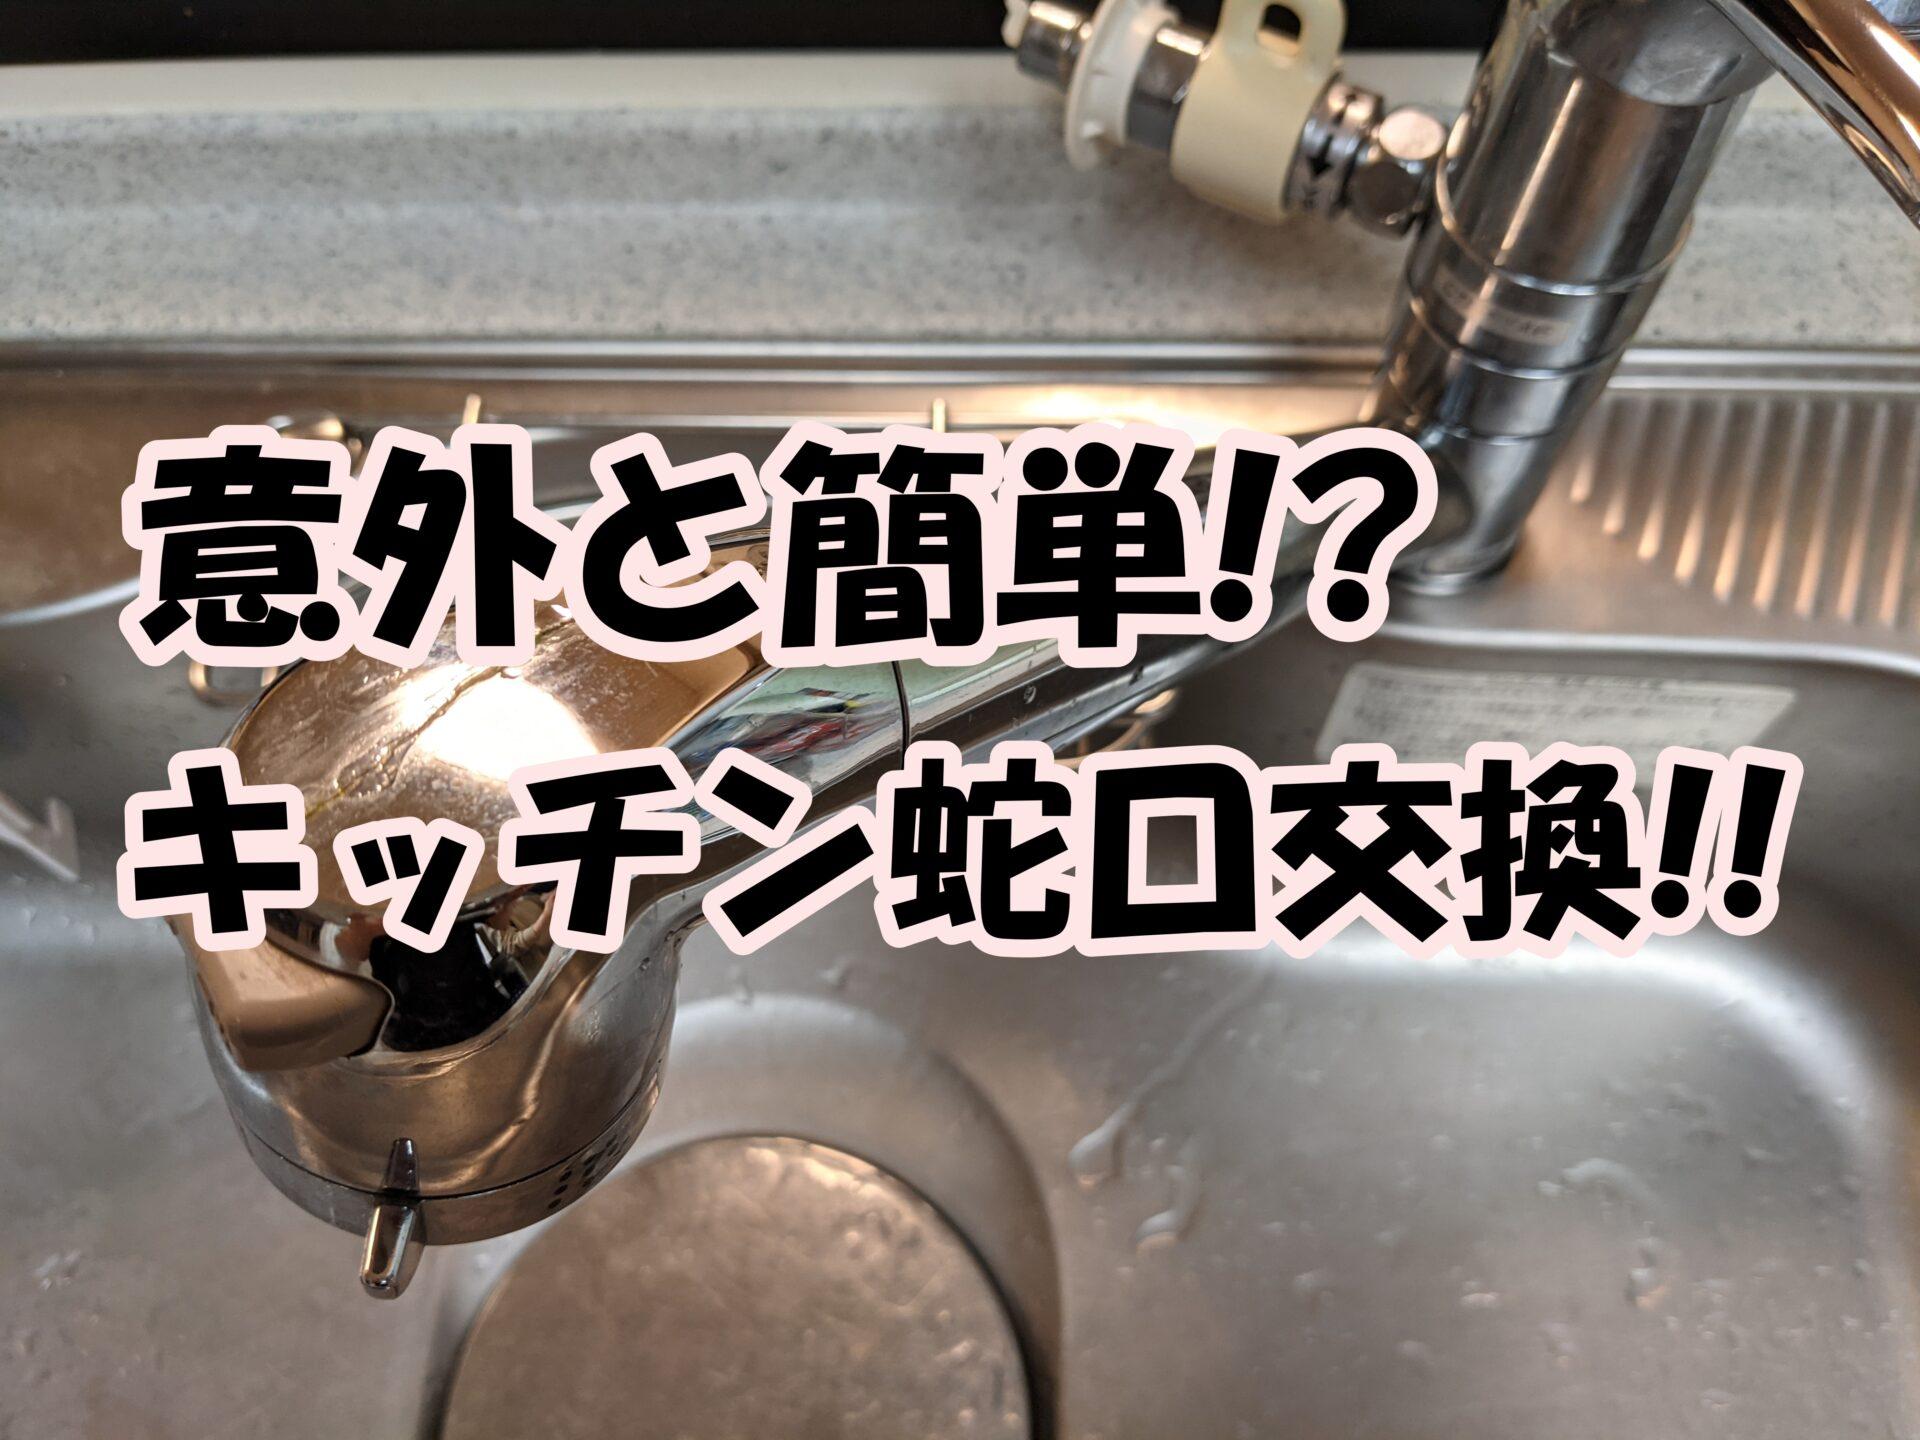 意外と簡単!?キッチン蛇口交換方法